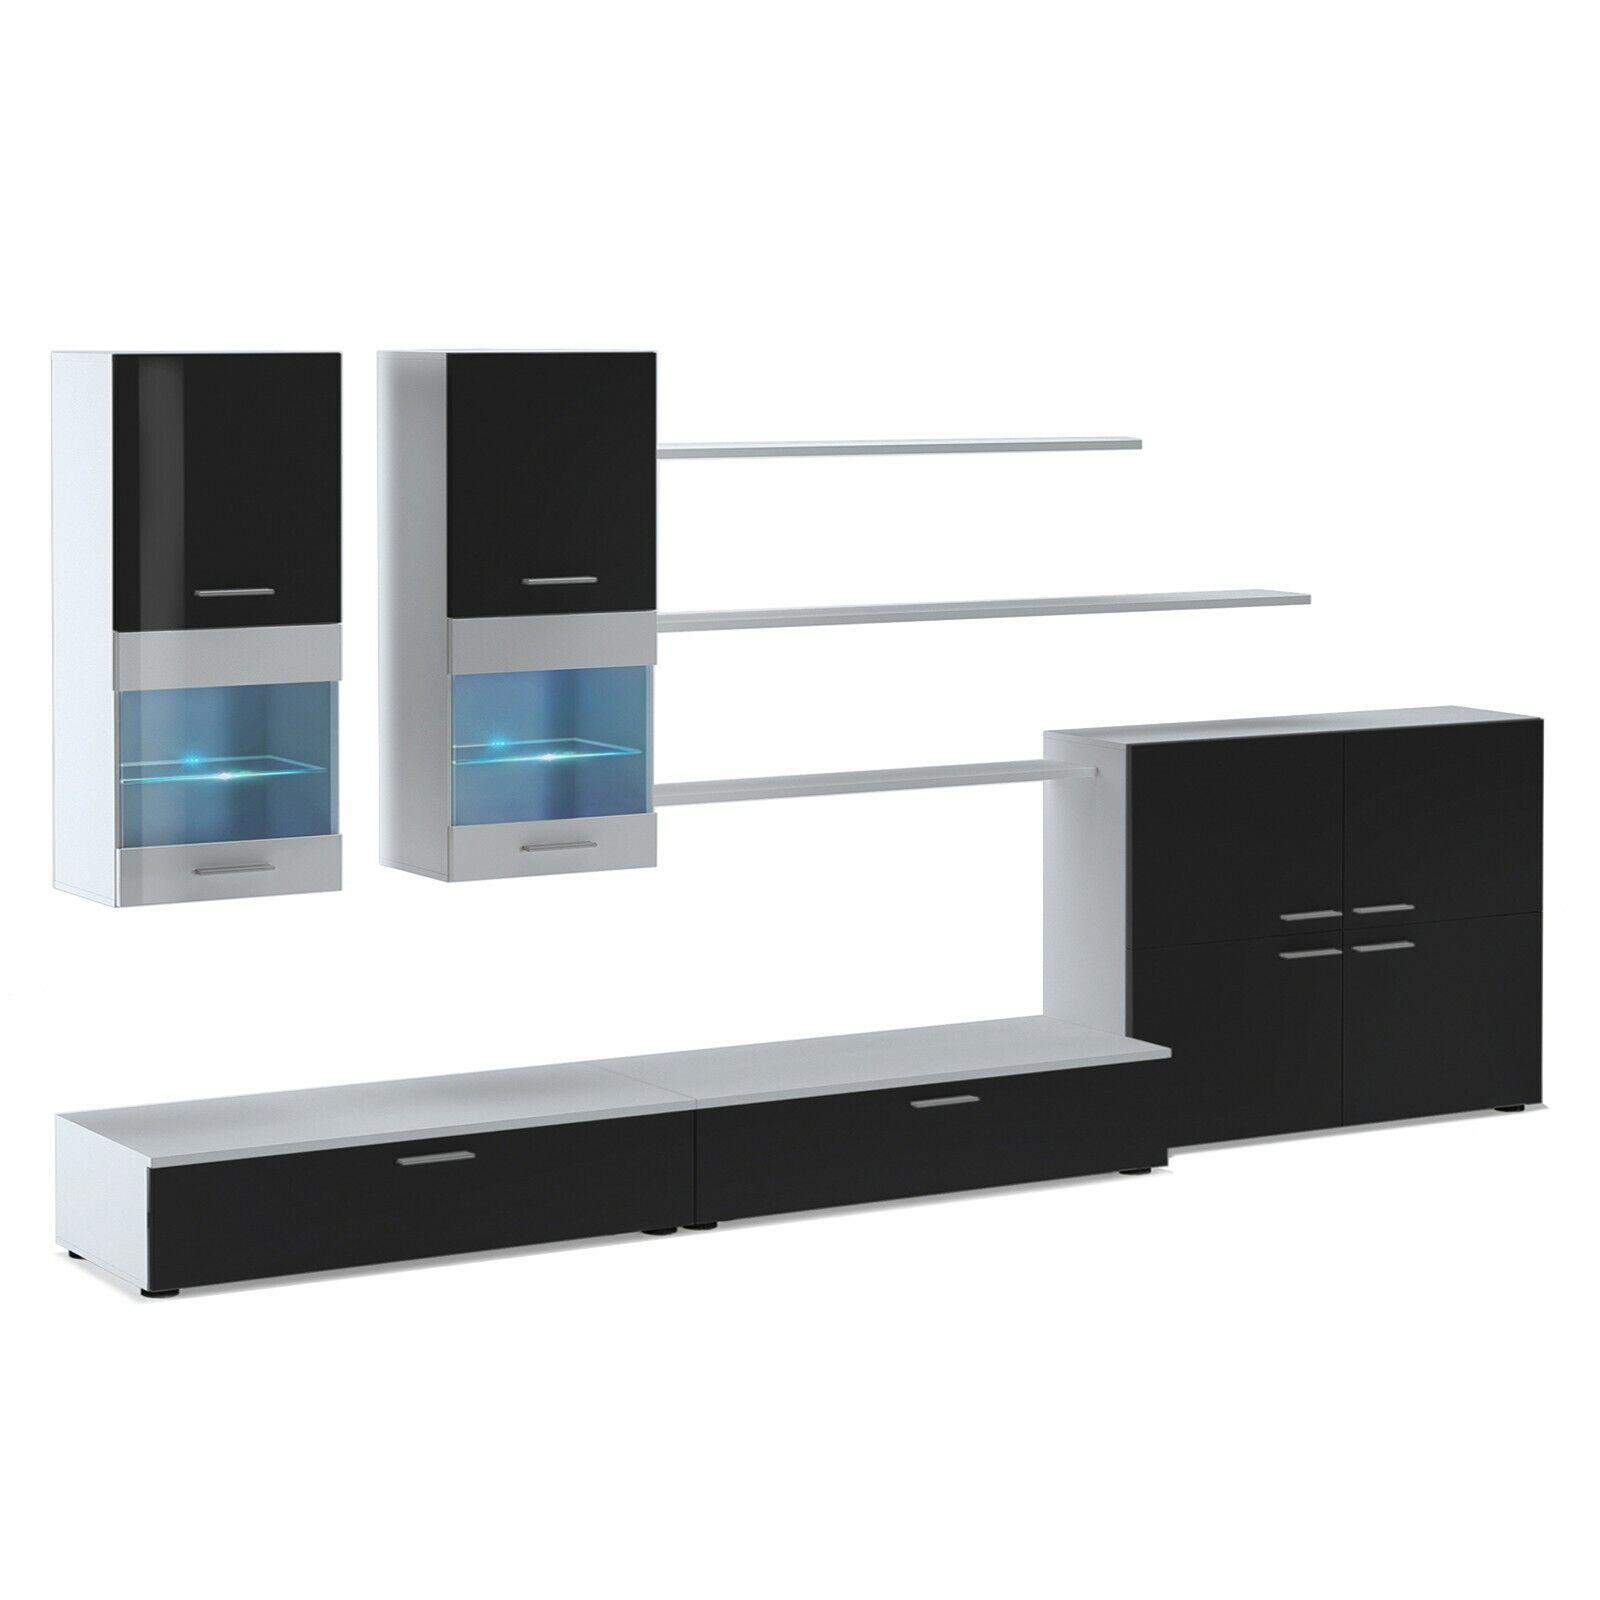 Mueble de comedor moderno, salón con luces Leds, color Negro Brillo y...